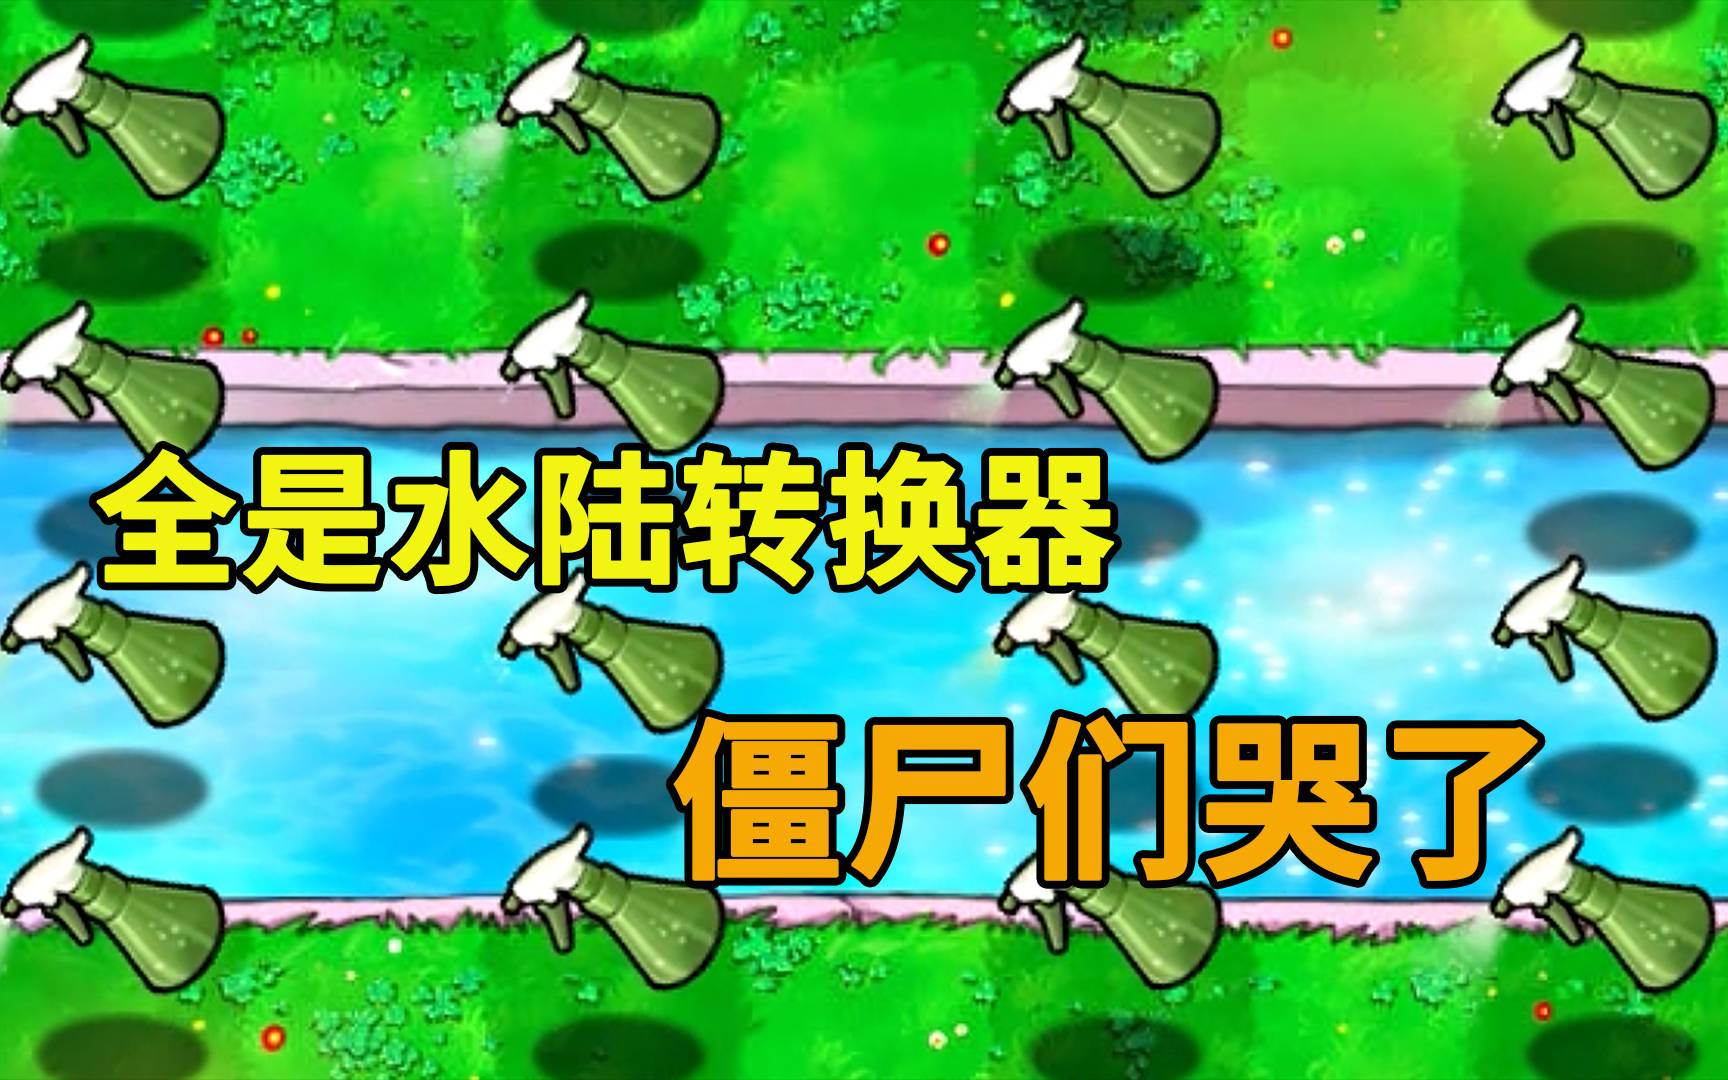 植物大战僵尸:这么多水陆转换器?僵尸直接反复竖跳!